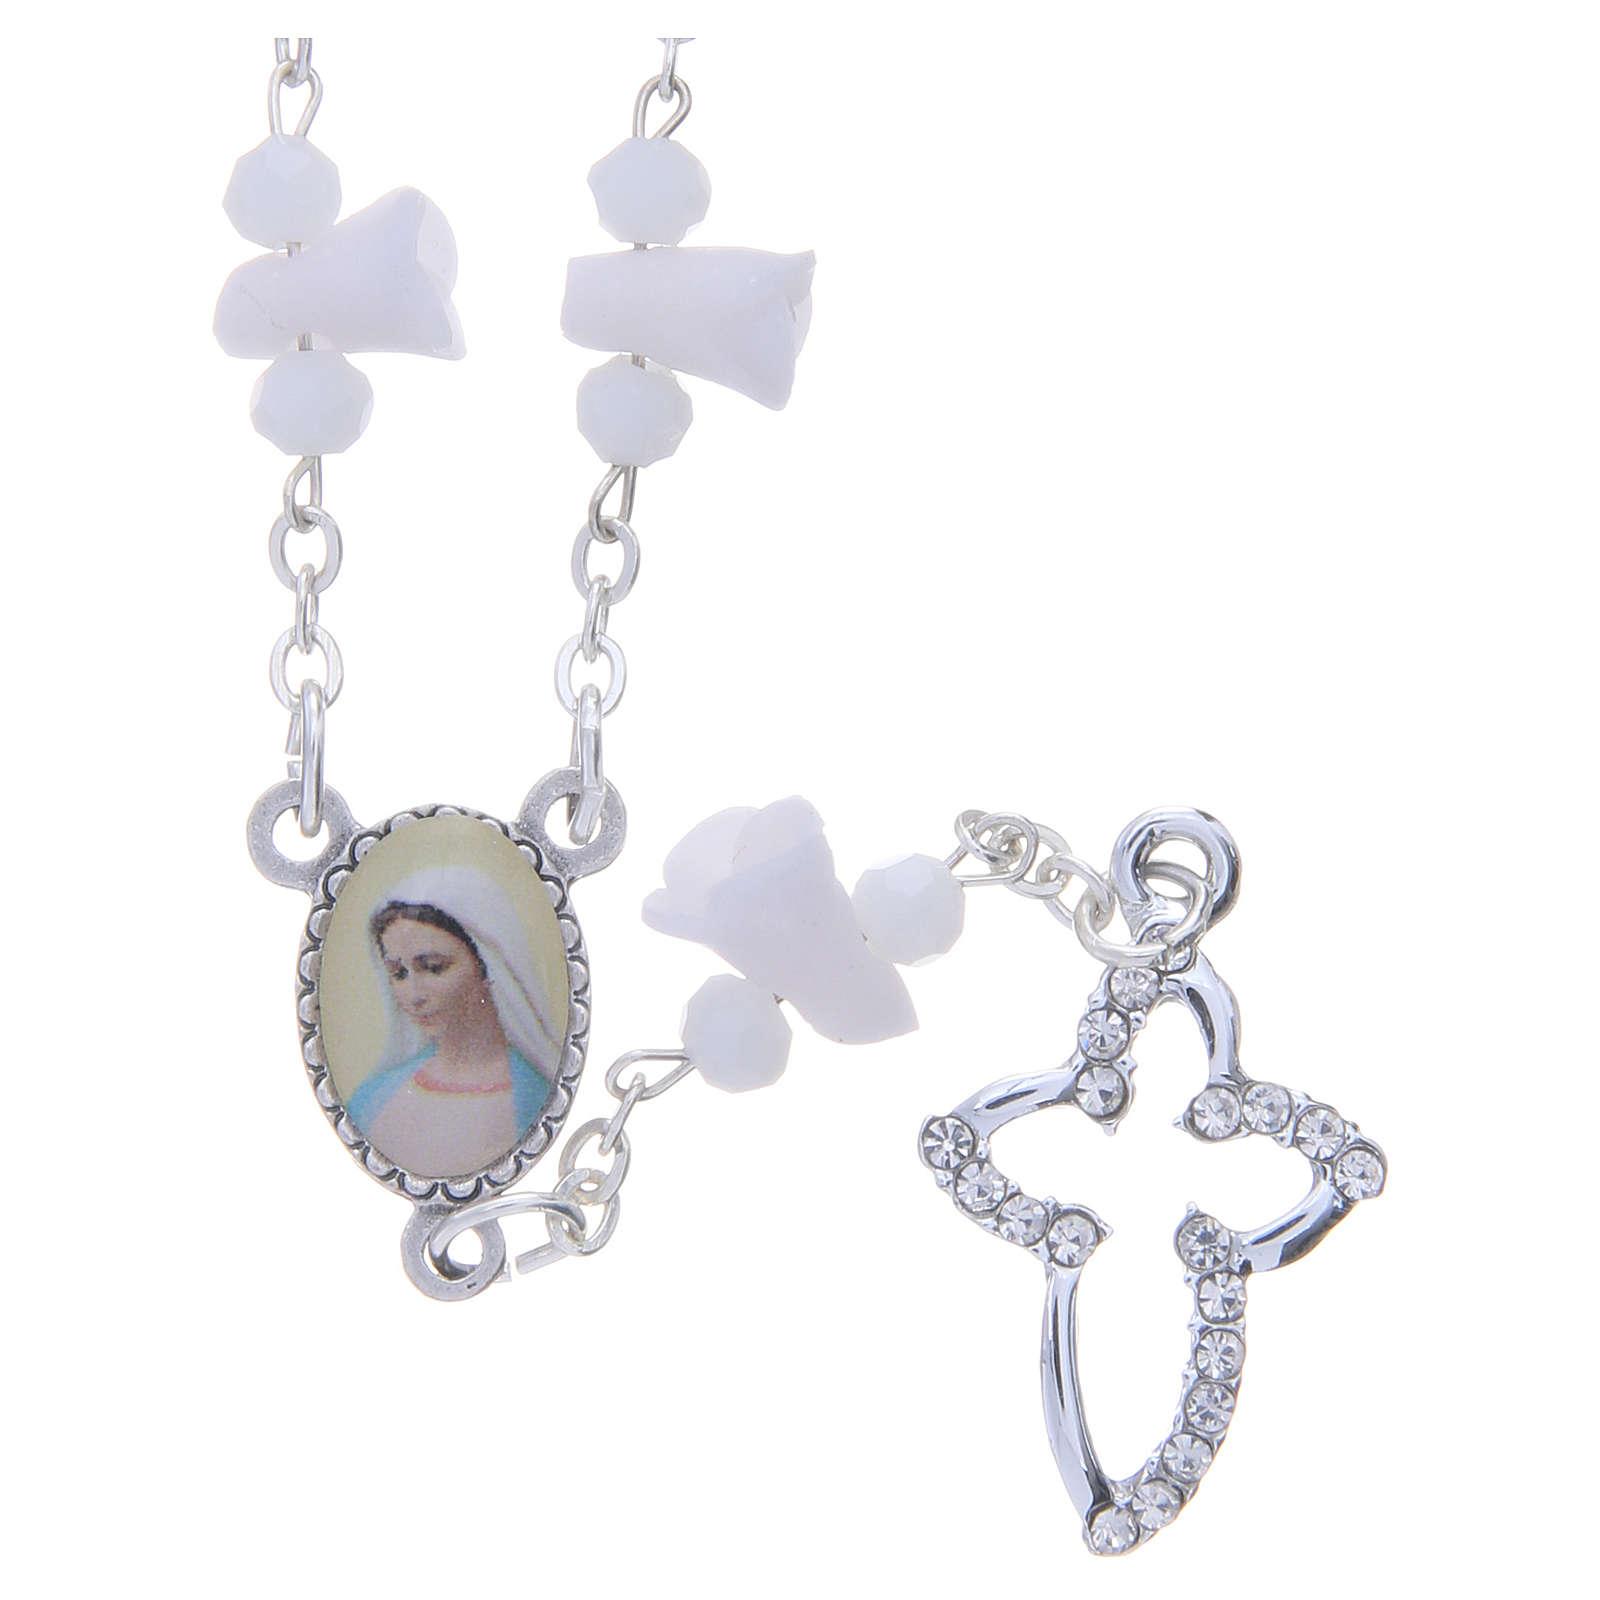 Collar rosario Medjugorje rosas blancas cerámica imagen Virgen María 4